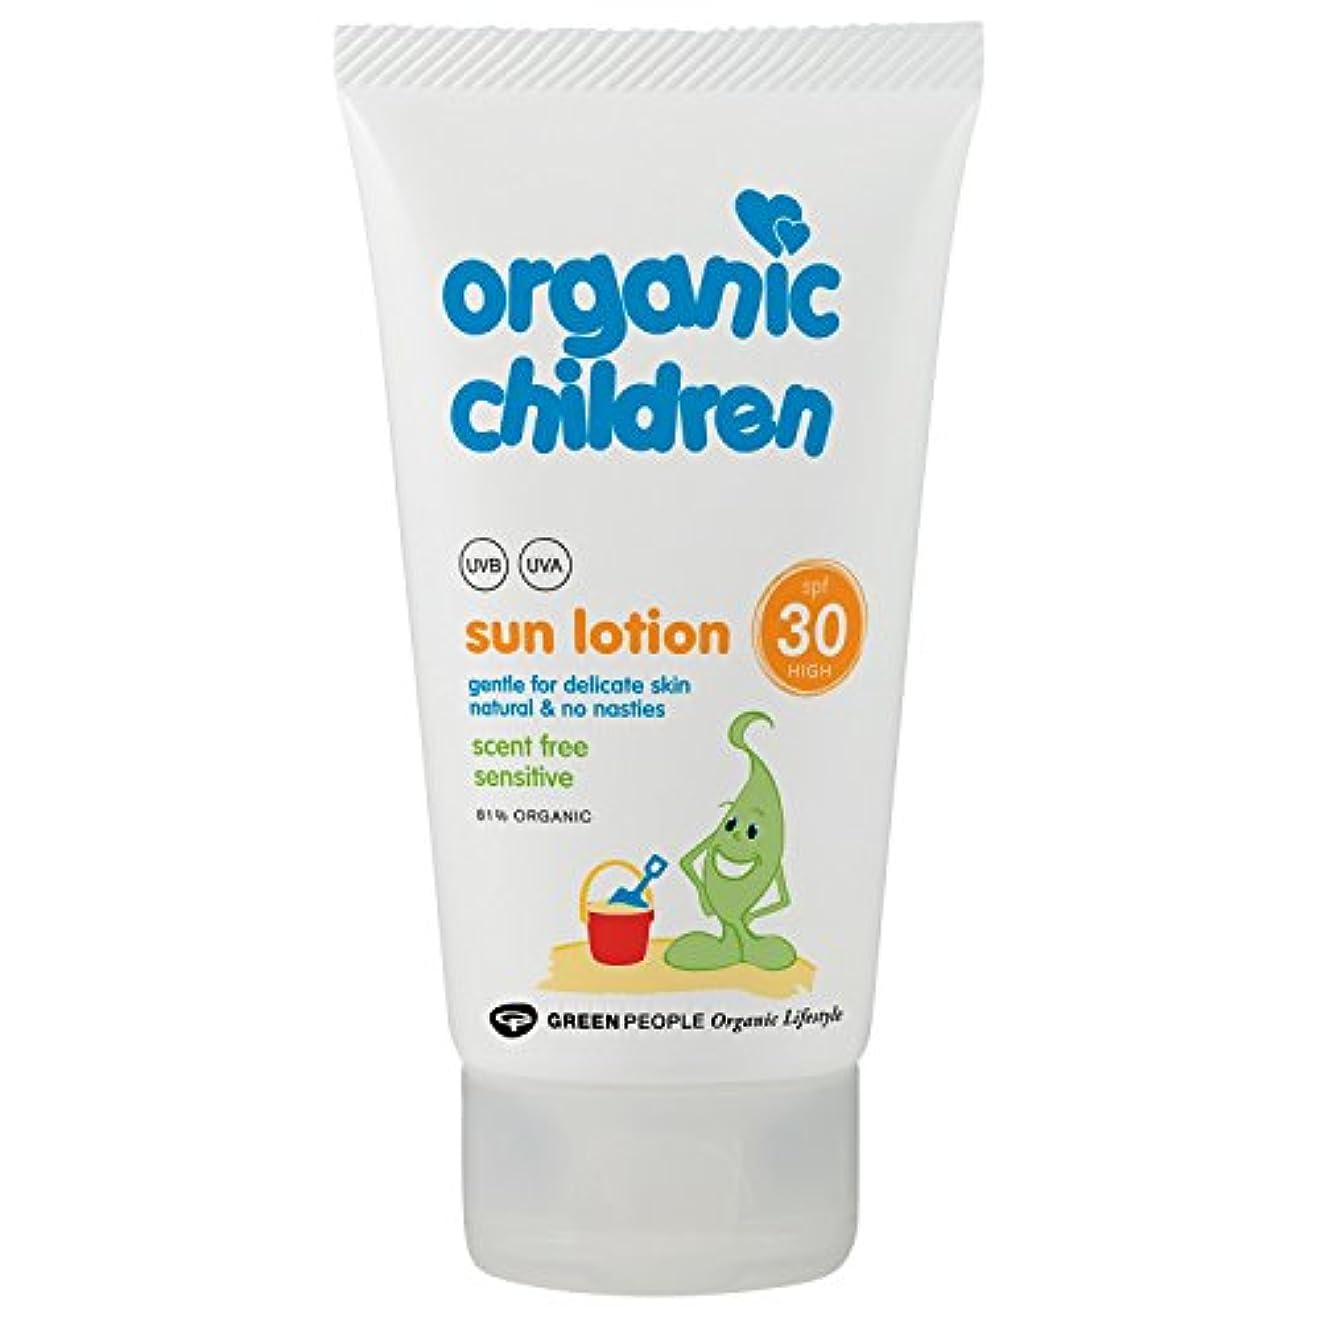 許すレンディション長椅子Organic Children SPF 30 Sun Lotion 150g - 有機子どもたちは30日のローション150グラムを [並行輸入品]